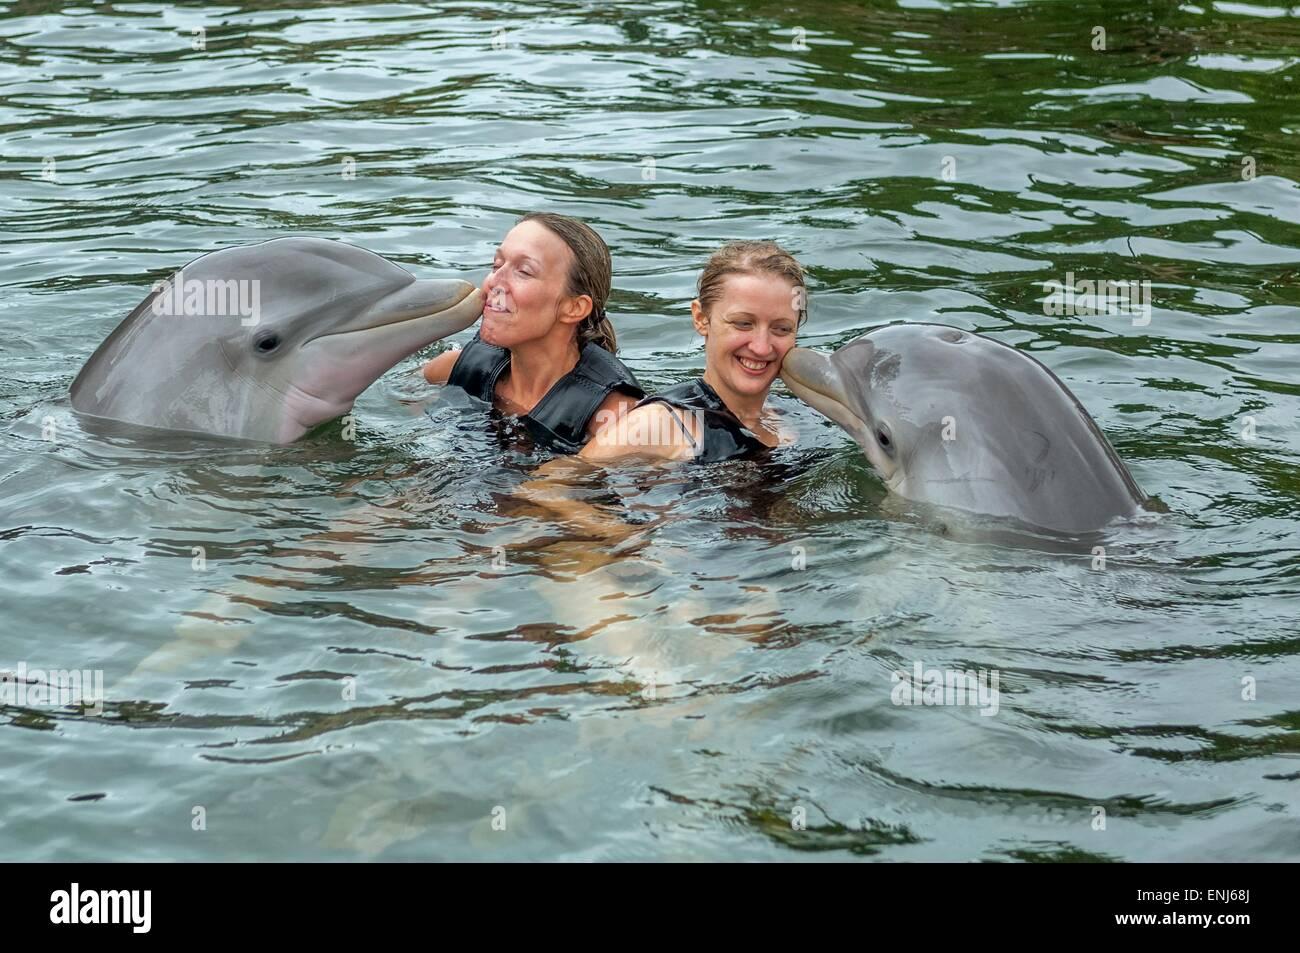 Nuotare con i delfini a delfini Plus Bayside, un dolphin research & interaction center in Key Largo, FL. Stati Immagini Stock